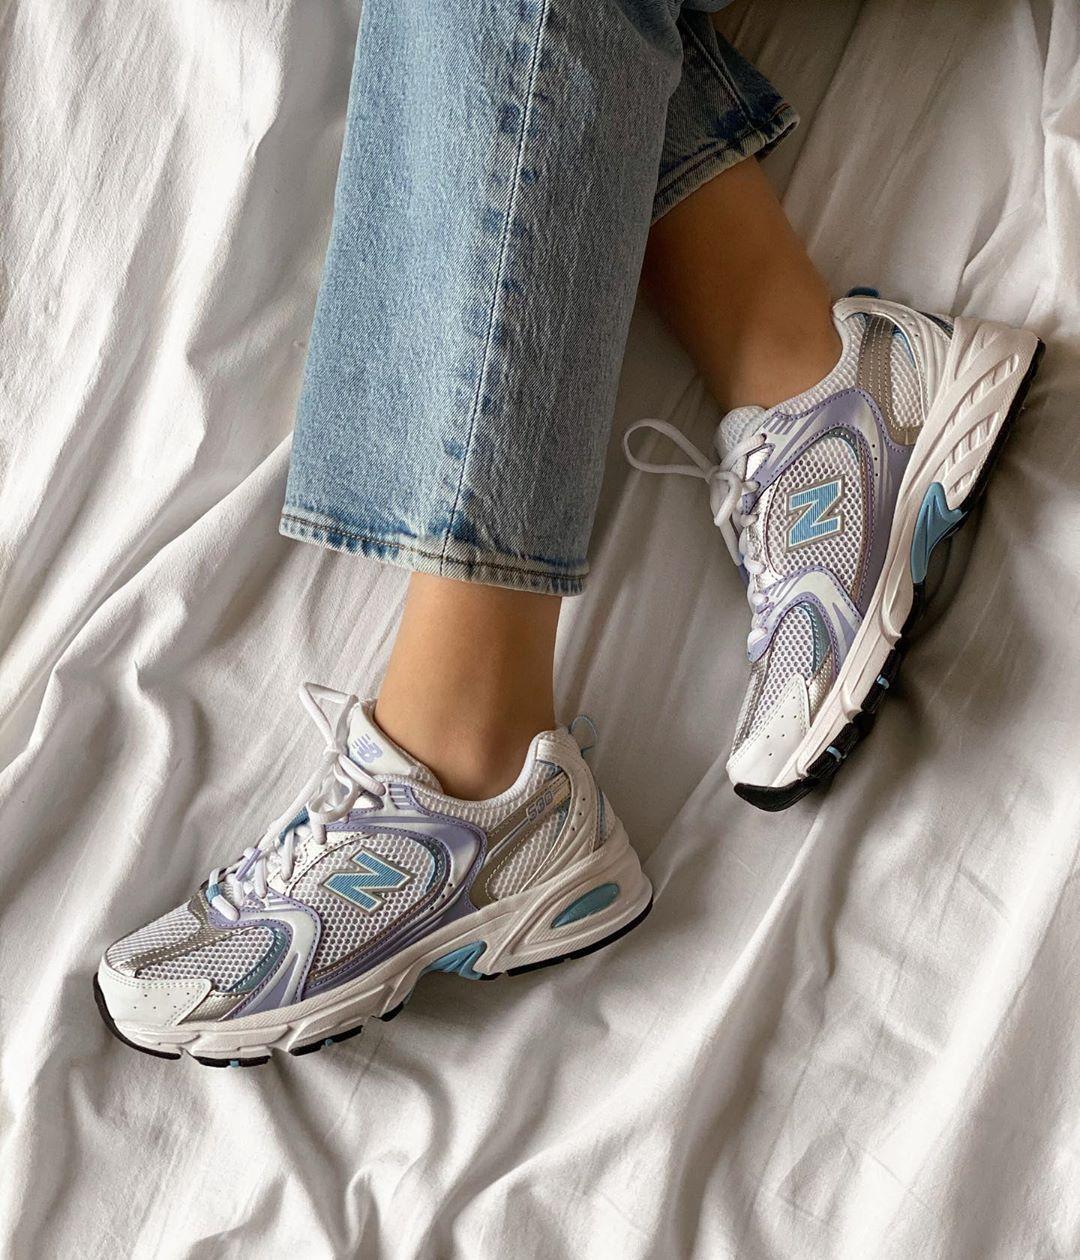 Жіночі кросівки New Balance 530 в стилі нью беланс Білі (Репліка ААА+)